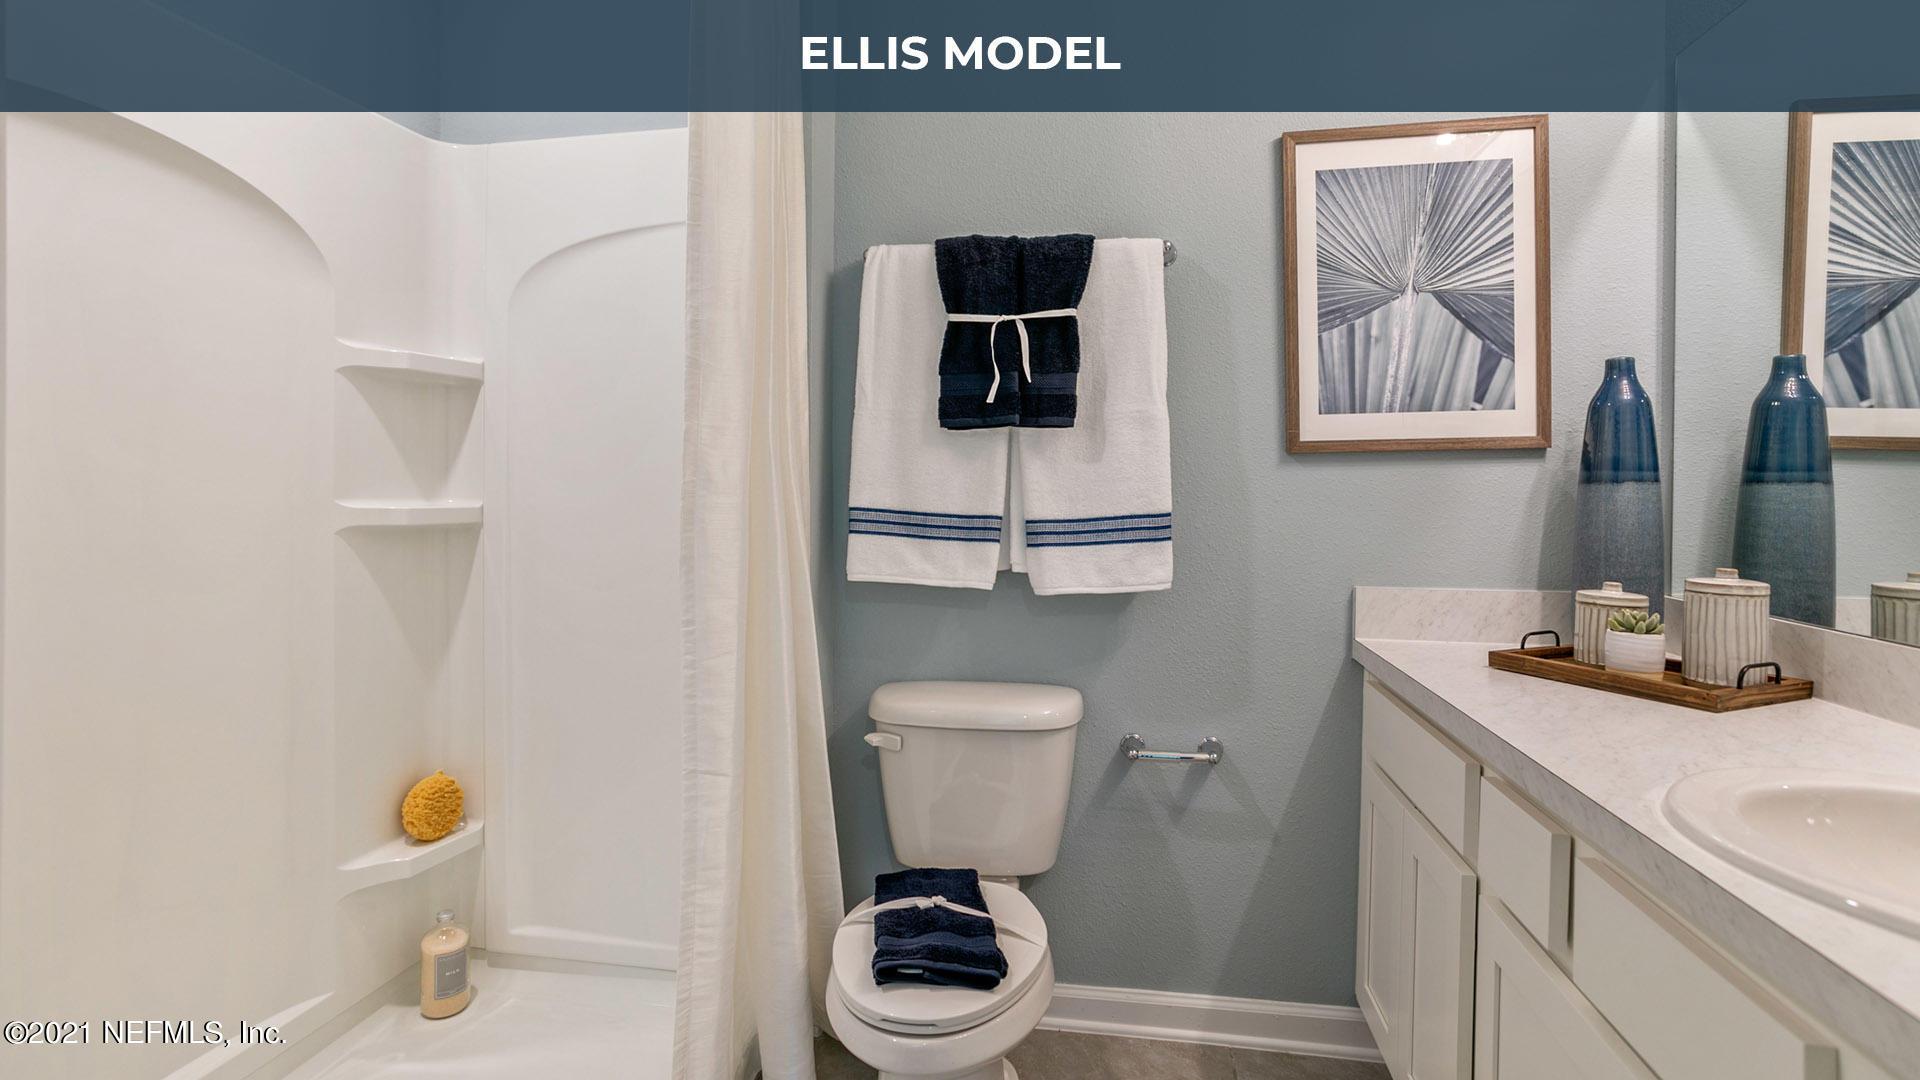 575 OAKLEAF PLANTATION, ORANGE PARK, FLORIDA 32065, 3 Bedrooms Bedrooms, ,2 BathroomsBathrooms,Residential,For sale,OAKLEAF PLANTATION,1096078